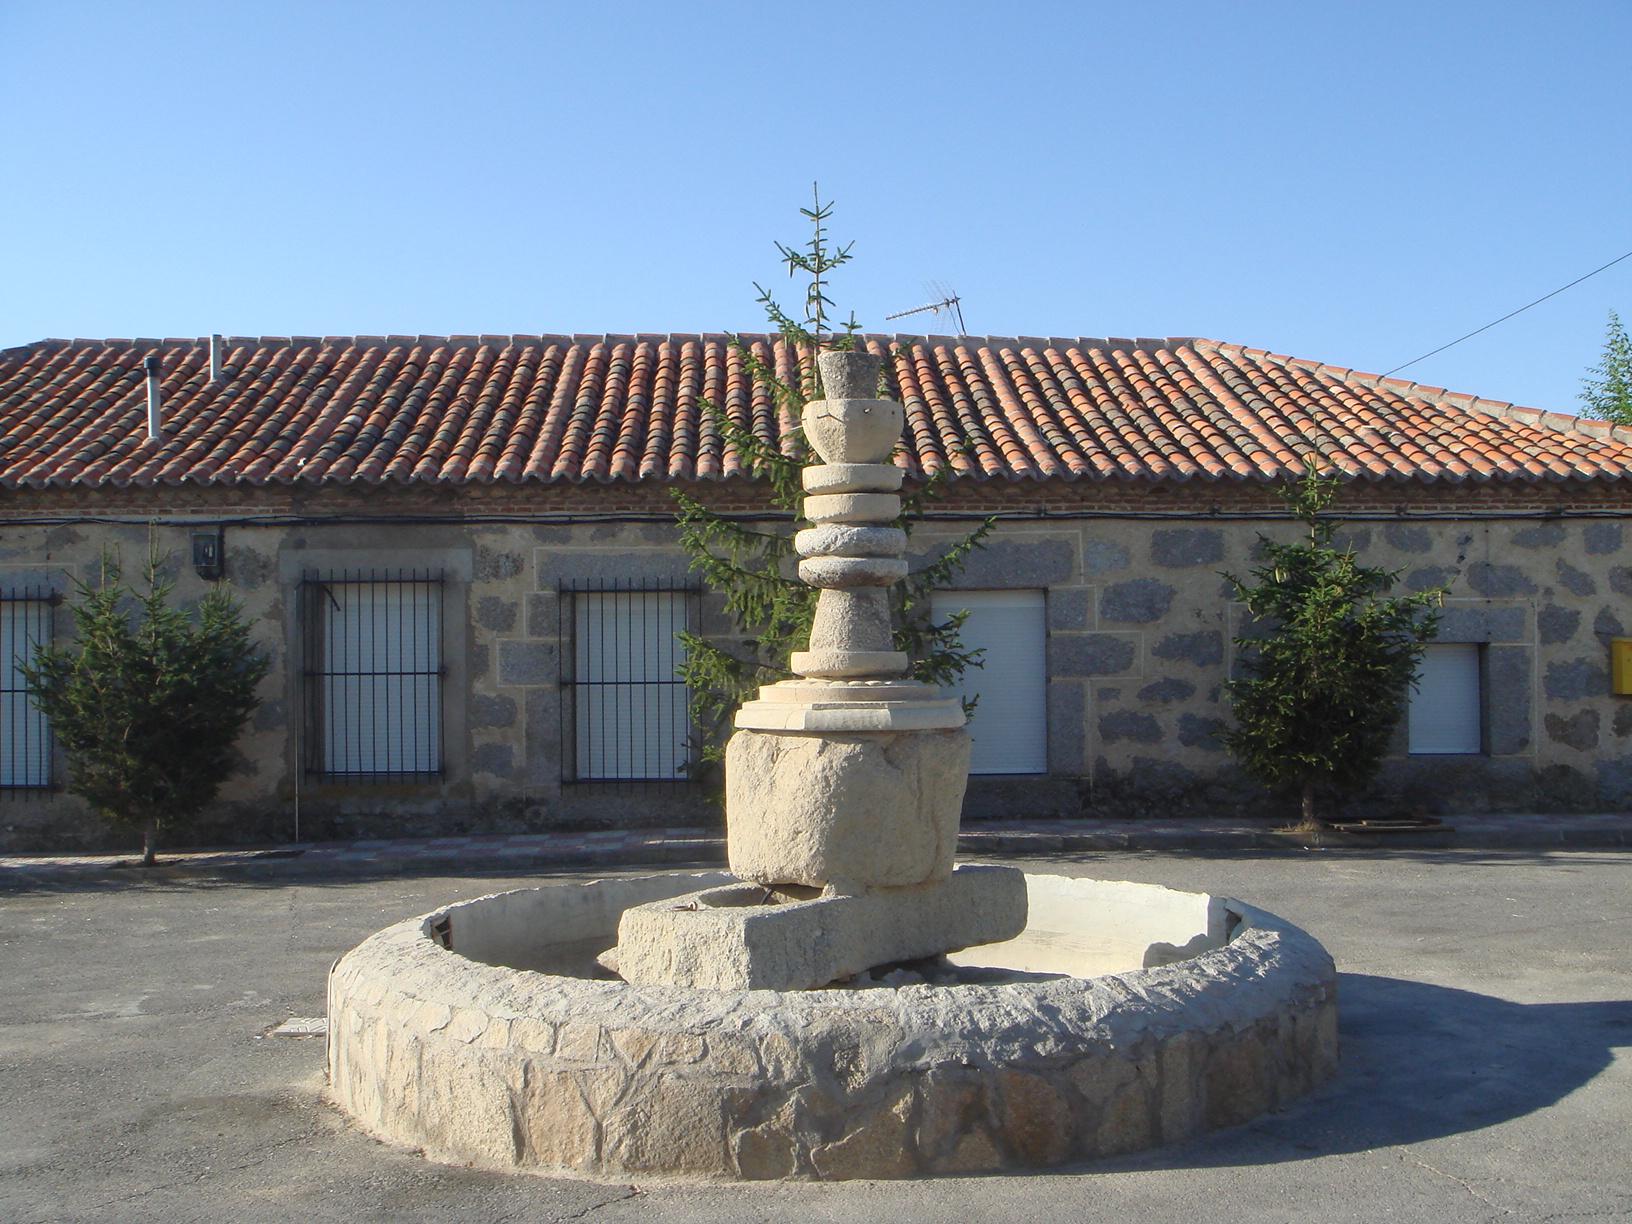 file fuente de piedras jpg wikimedia commons On fuentes de piedra antiguas